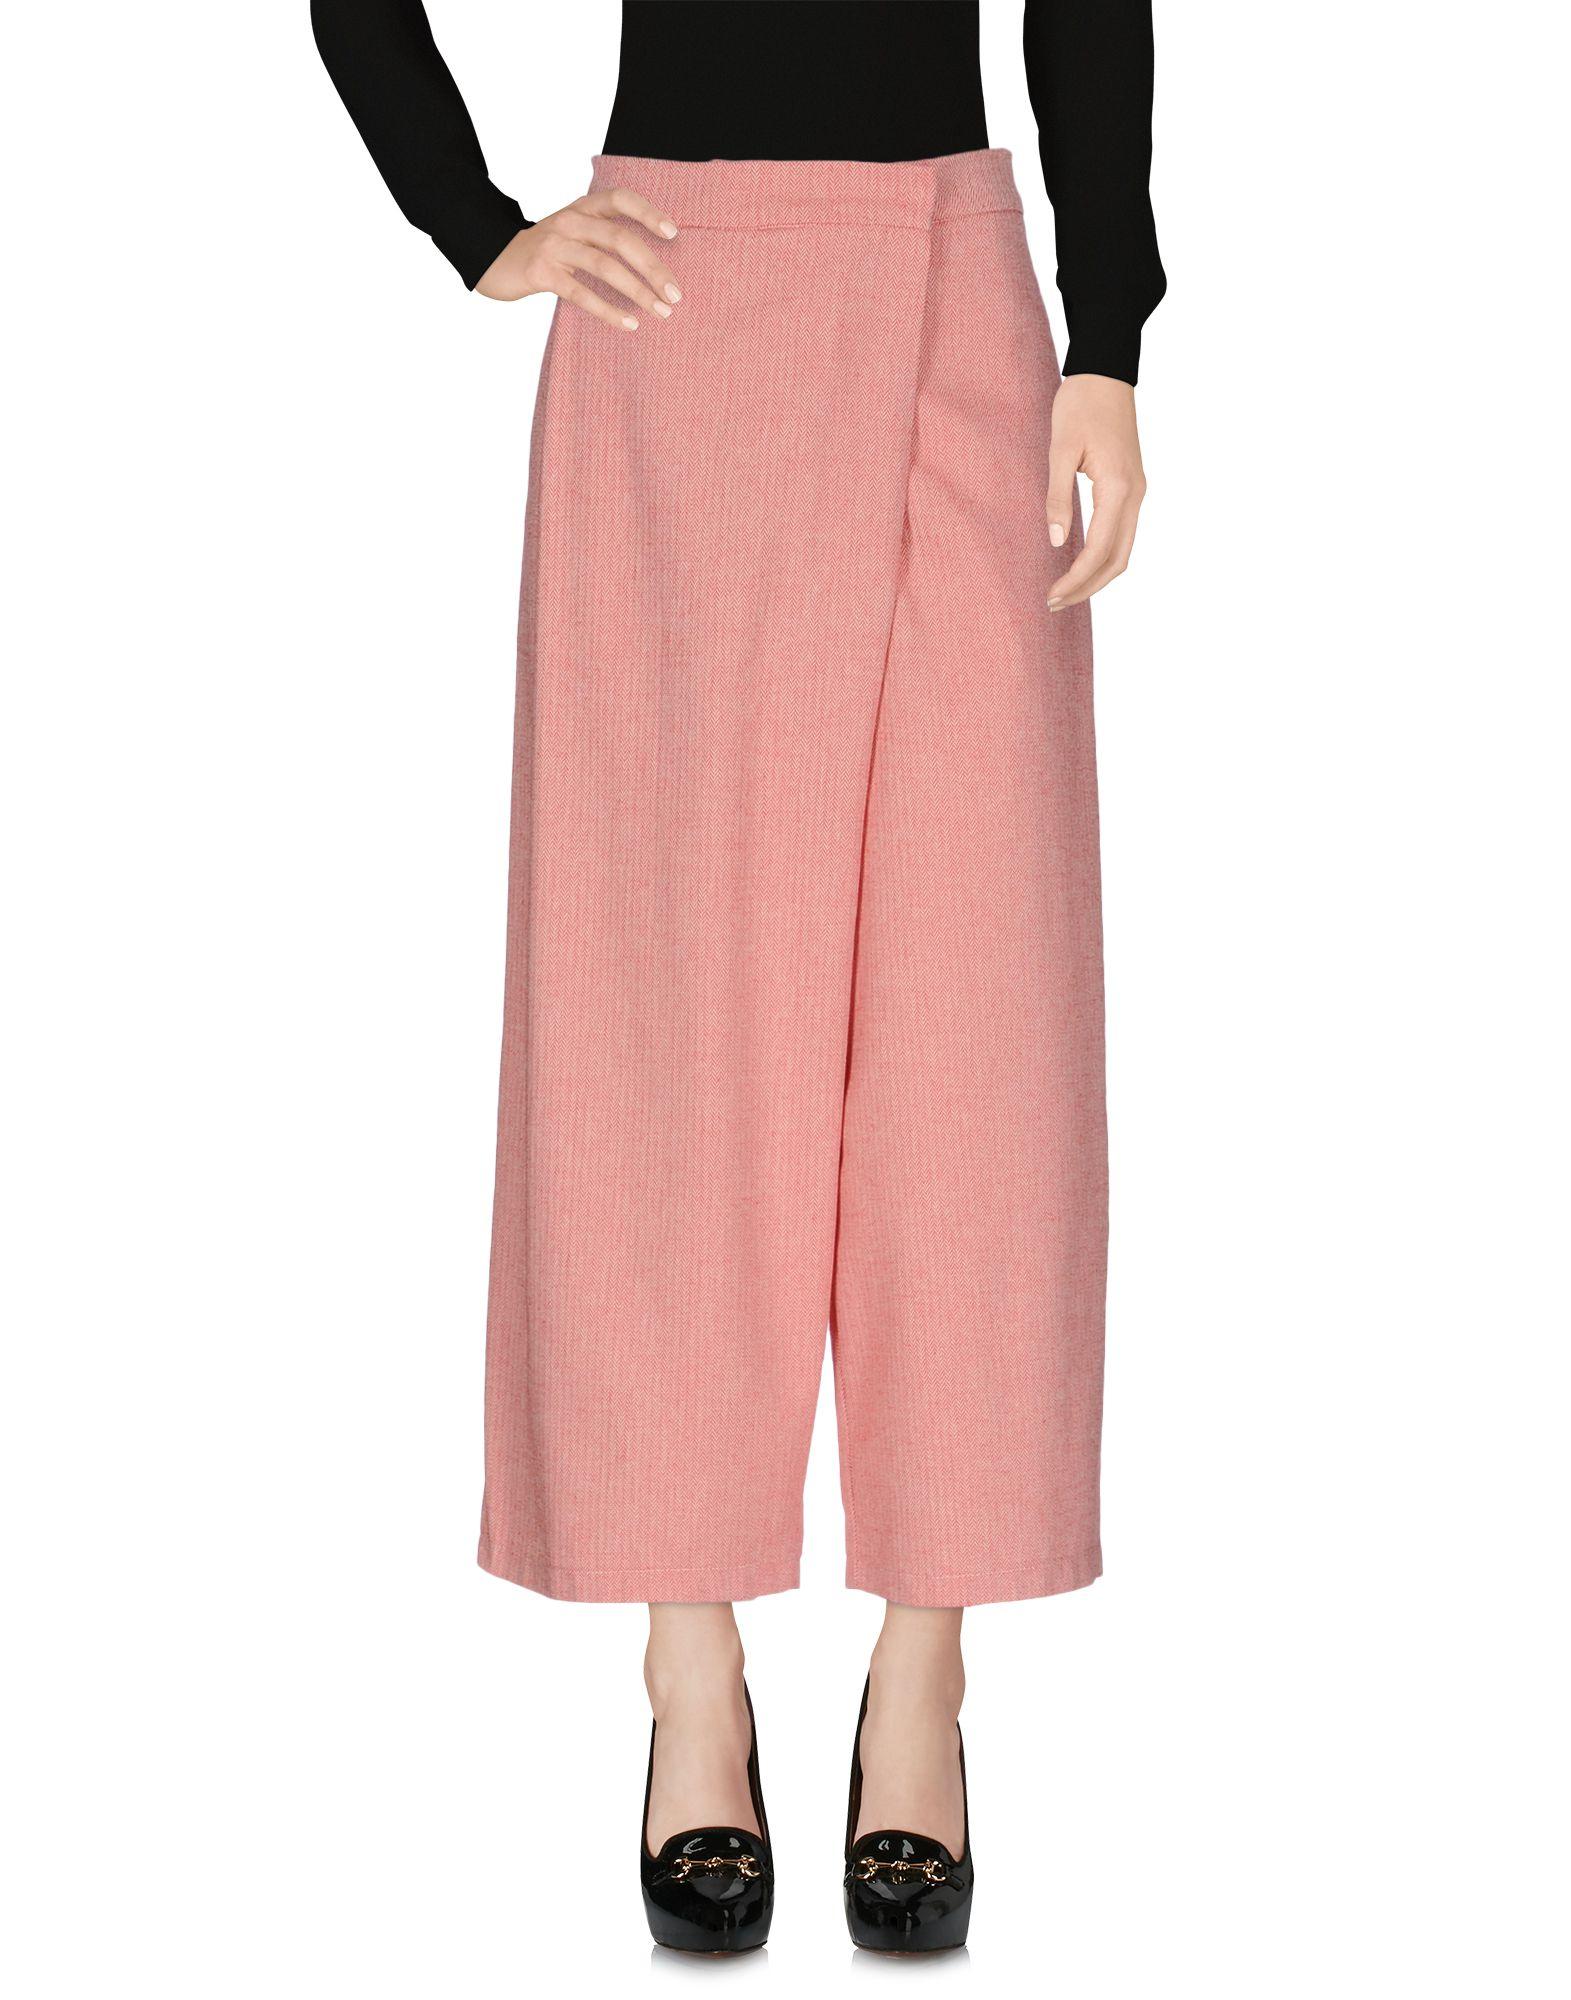 цены на SOUVENIR Повседневные брюки в интернет-магазинах